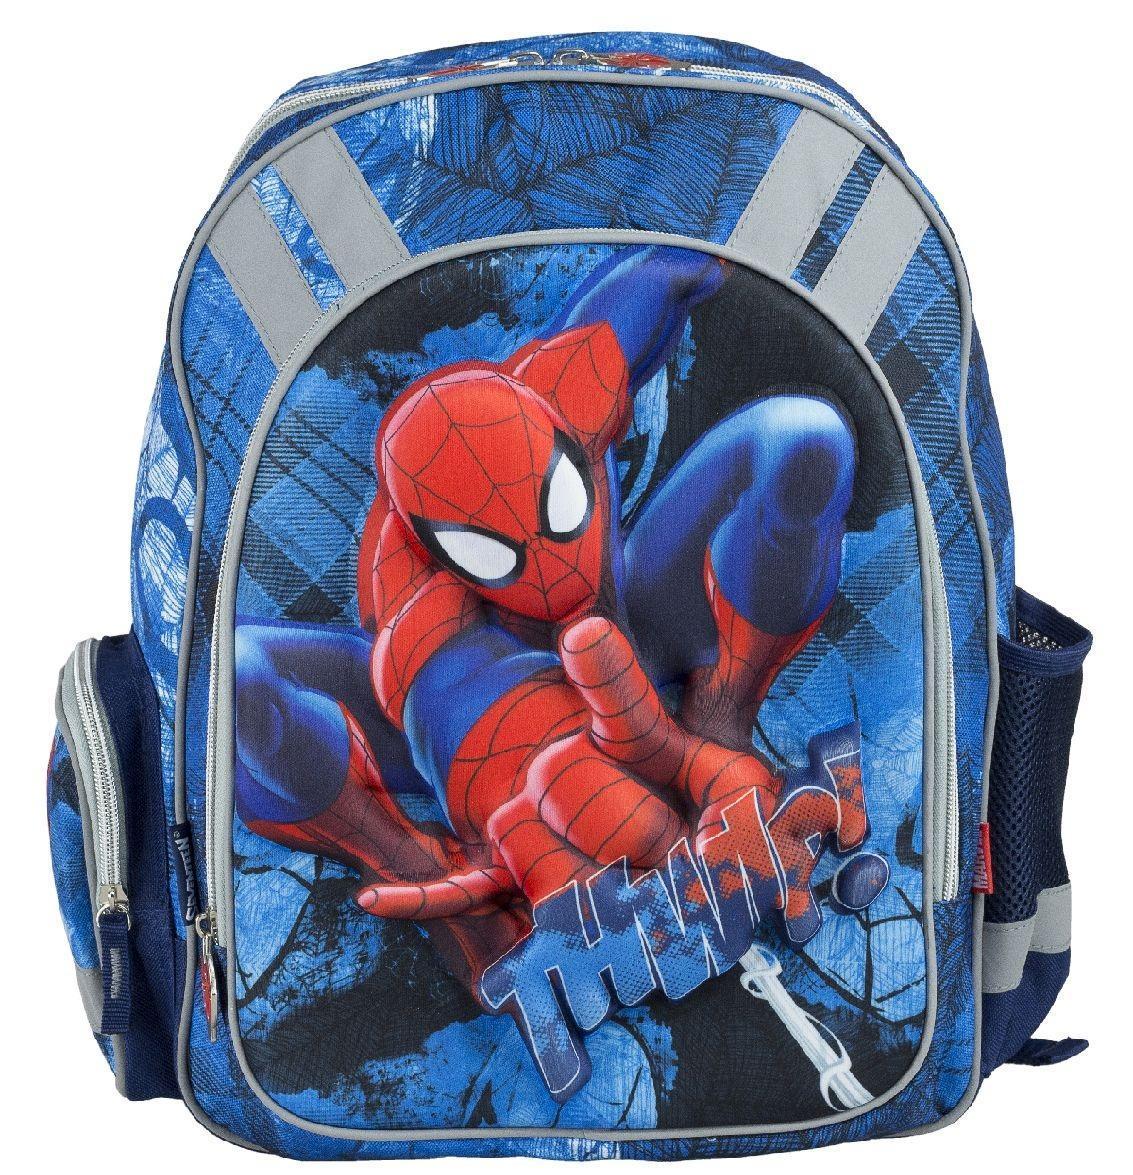 Рюкзак школьный Spider-Man, цвет: темно-синий, голубой. SMCB-RT2-836E730396Рюкзак школьный Spider-Man обязательно понравится вашему школьнику. Выполнен из прочных и высококачественных материалов, дополнен объемным и реалистичным изображением Человека-паука.Содержит одно вместительное отделение, закрывающееся на застежку-молнию с двумя бегунками. Бегунки застежки оформлены металлическими держателями в виде паука. Внутри отделения находятся две перегородки для тетрадей или учебников, а также открытый карман-сетка. Дно рюкзака можно сделать жестким, разложив специальную панель с пластиковой вставкой, что повышает сохранность содержимого рюкзака и способствует правильному распределению нагрузки. Лицевая сторона оснащена накладным карманом на молнии. По бокам расположены два накладных кармана: на застежке-молнии и открытый, стянутый сверху резинкой. Специально разработанная архитектура спинки со стабилизирующими набивными элементами повторяет естественный изгиб позвоночника. Набивные элементы обеспечивают вентиляцию спины ребенка. Плечевые лямки анатомической формы равномерно распределяют нагрузку на плечевую и воротниковую зоны. Конструкция пряжки лямок позволяет отрегулировать рюкзак по фигуре. Рюкзак оснащен эргономичной ручкой для удобной переноски в руке. Светоотражающие элементы обеспечивают безопасность в темное время суток.Многофункциональный школьный рюкзак станет незаменимым спутником вашего ребенка в походах за знаниями.Вес рюкзака без наполнения: 700 г.Рекомендуемый возраст: от 7 лет.